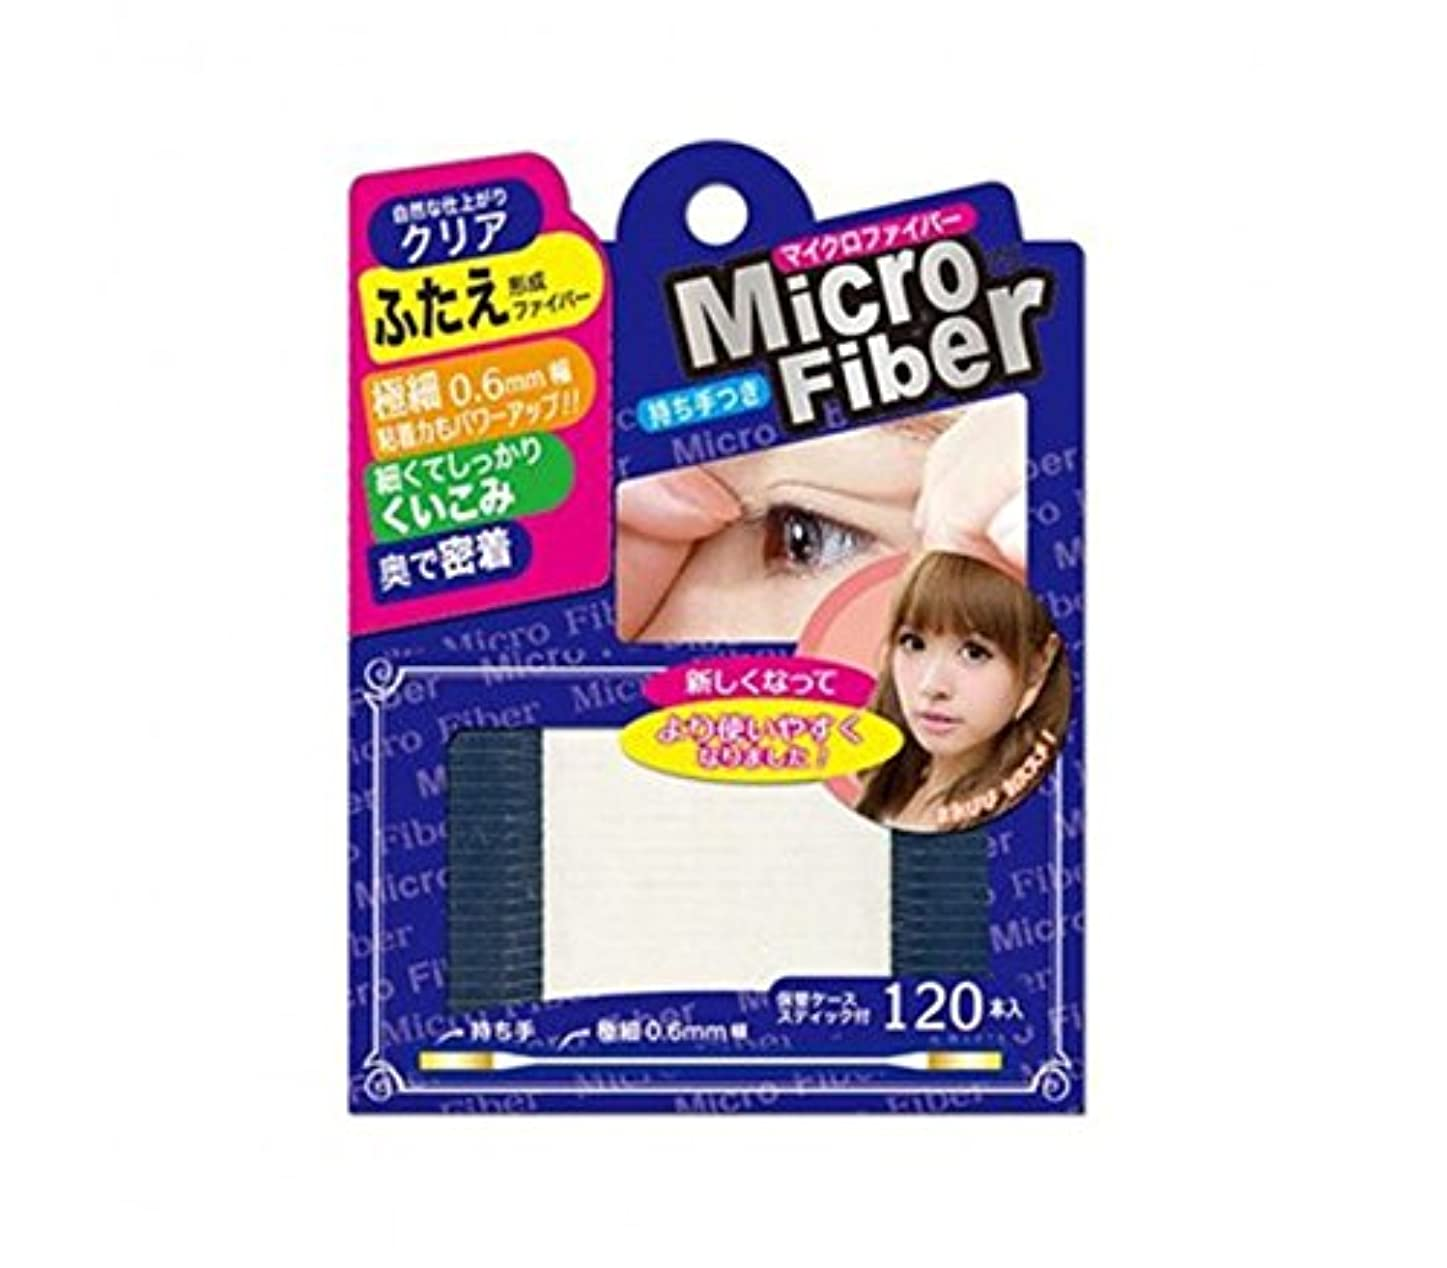 存在する反対するピッチャービーエヌ マイクロファイバーEX クリア 120本 NMC-01 2個セット (2)